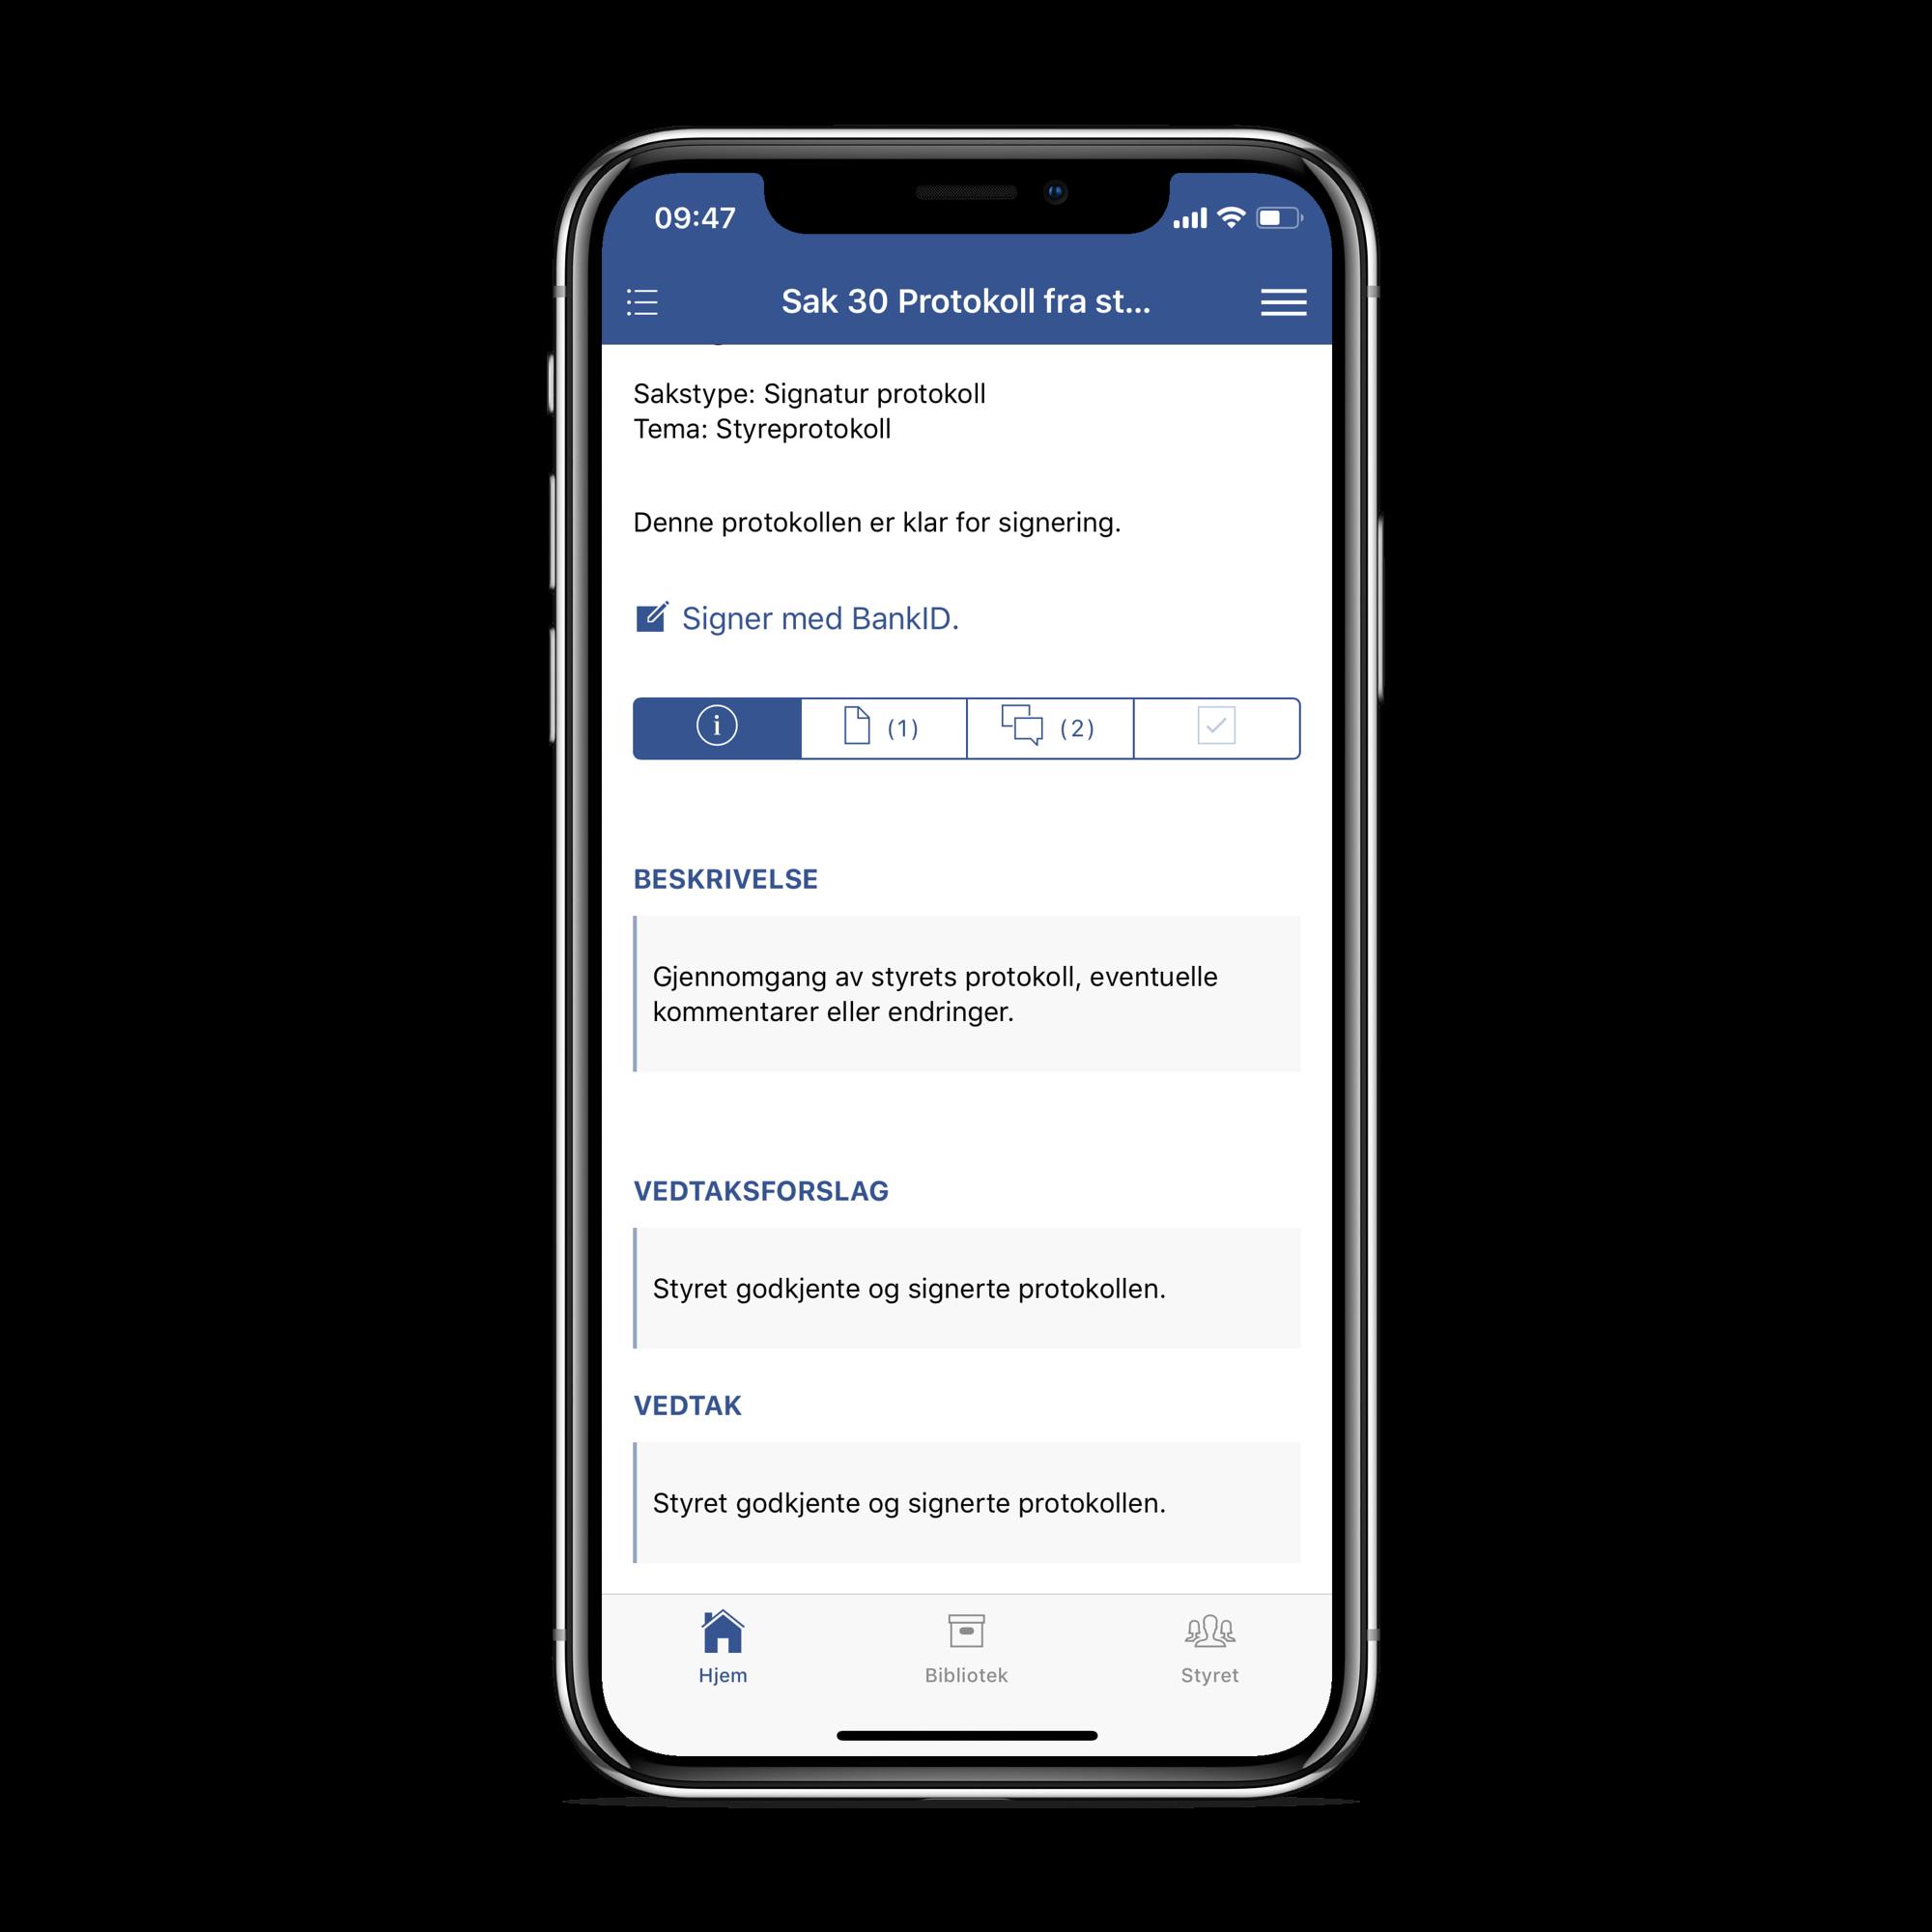 Protokoll kan signeres med BankID, også rett fra appen